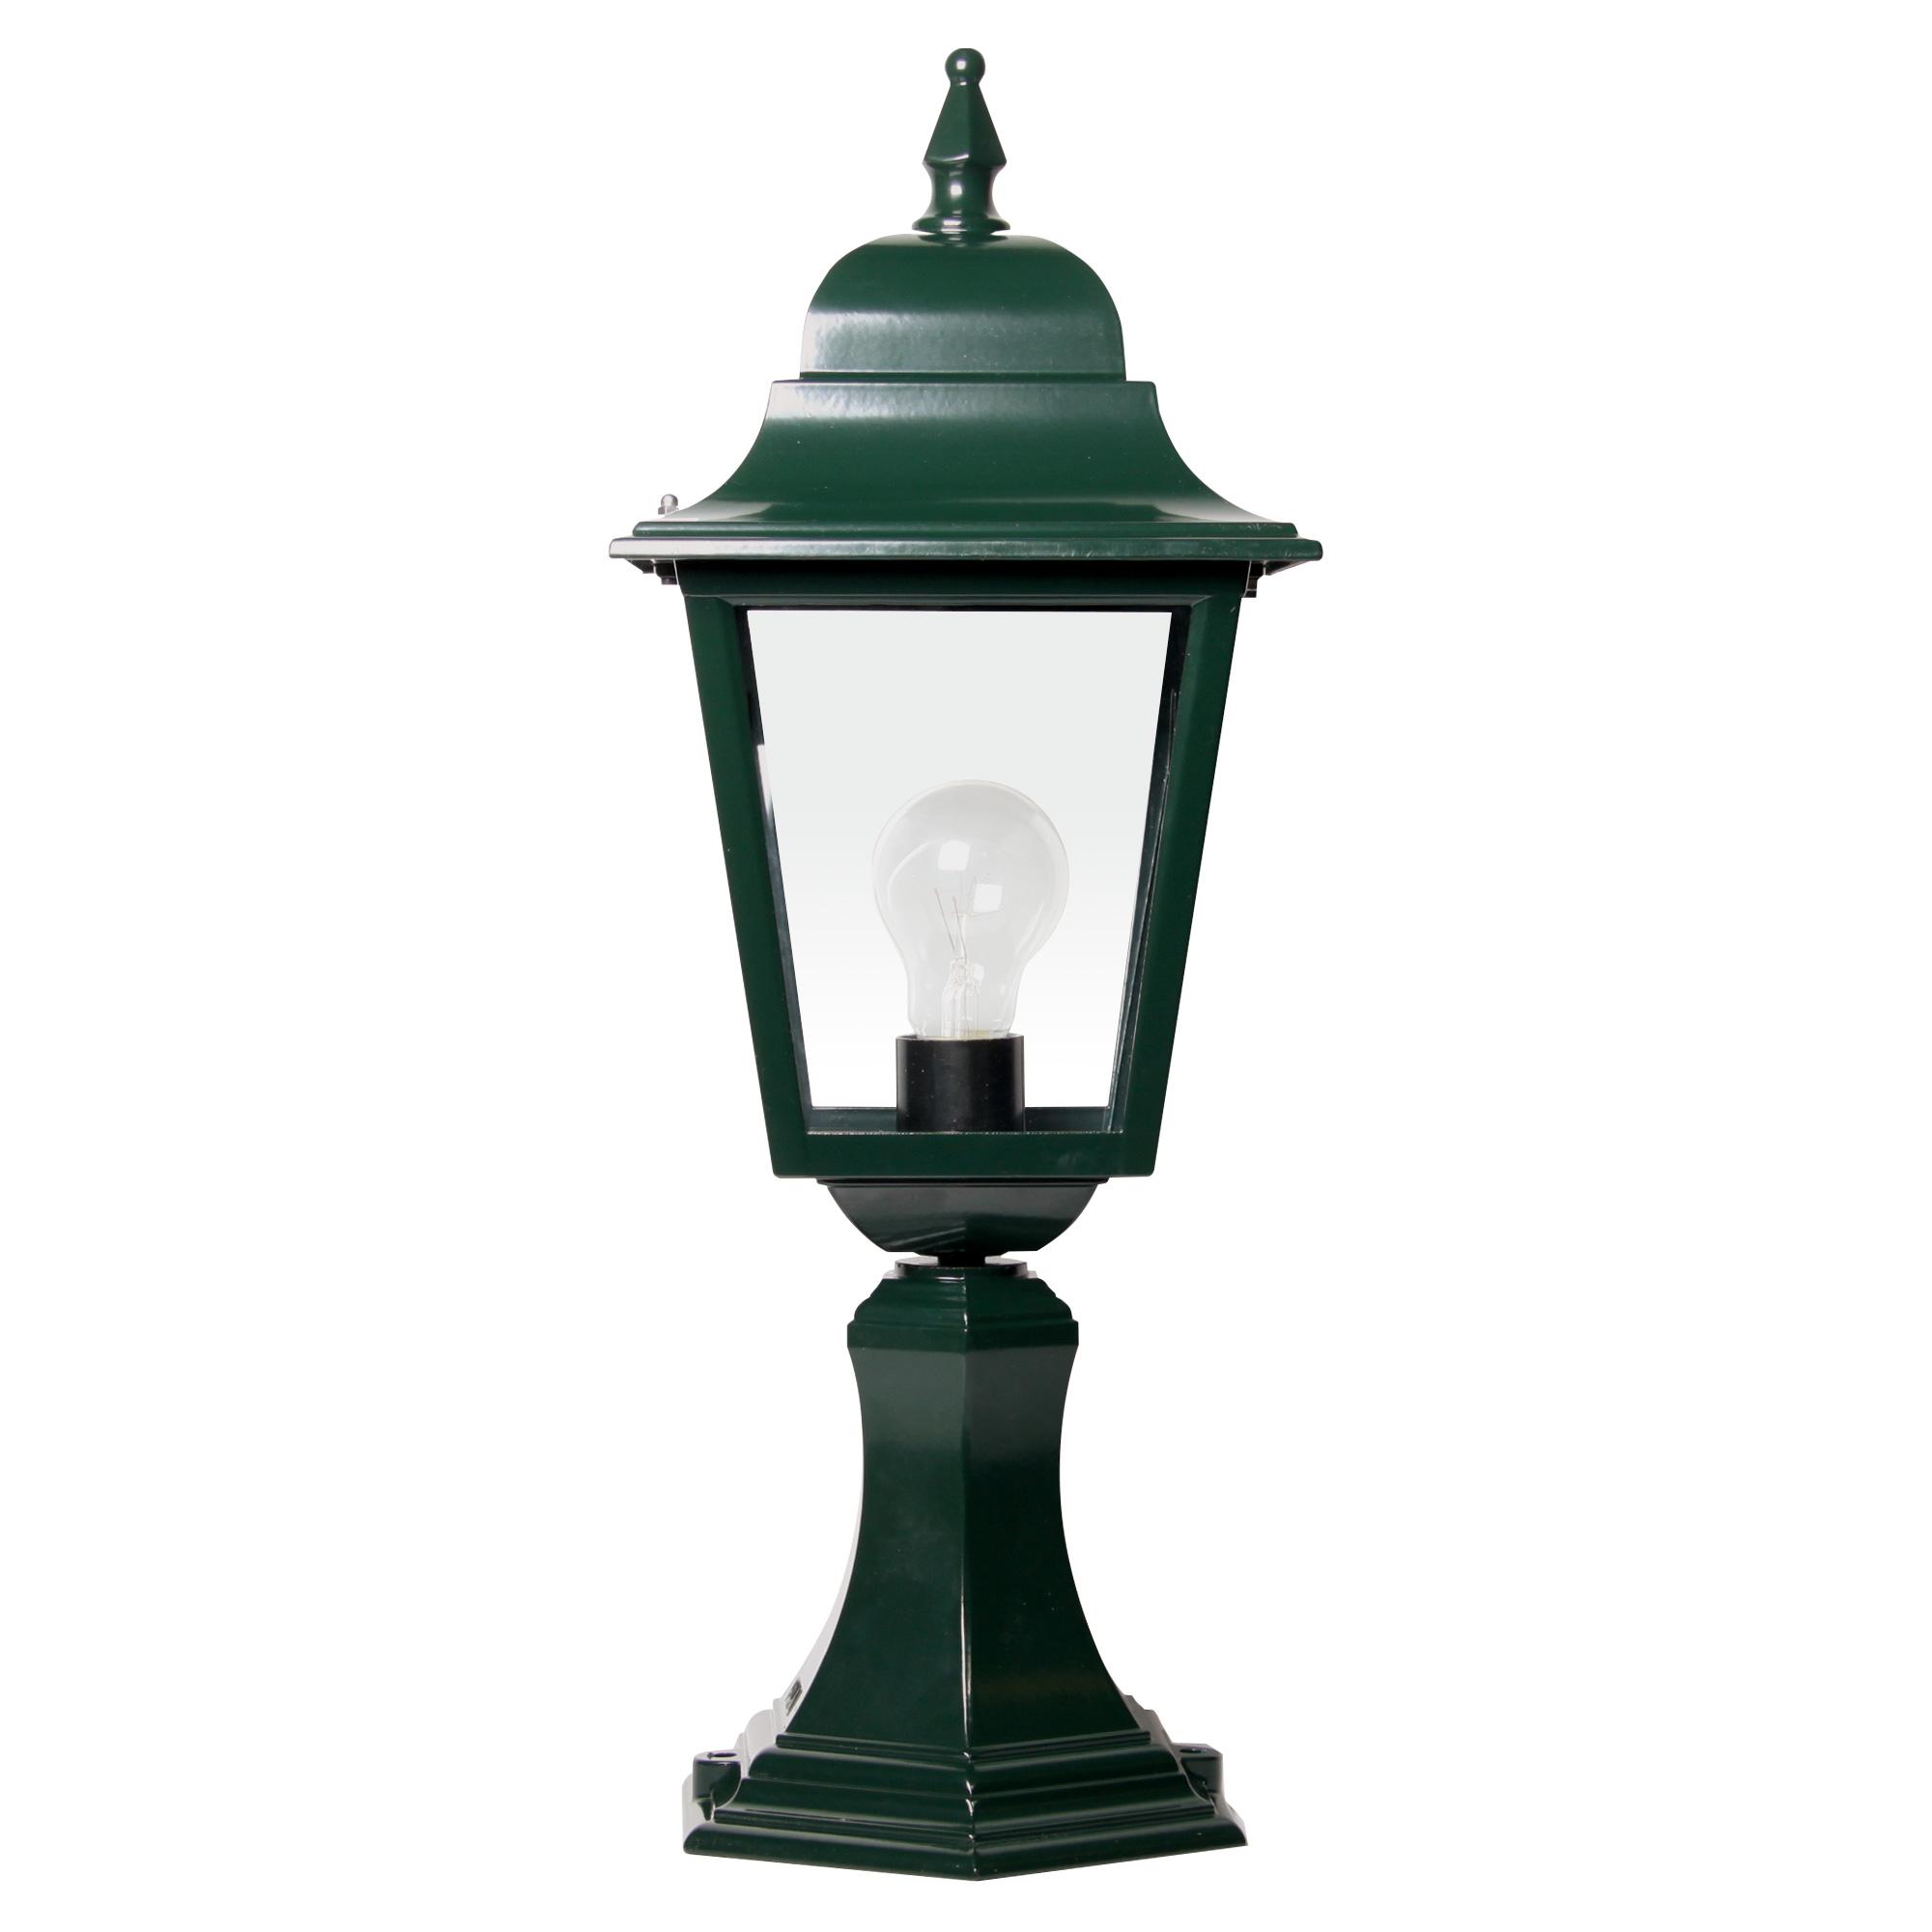 Buitenlamp Sorrento sokkel Dag Nacht Schemersensor LED